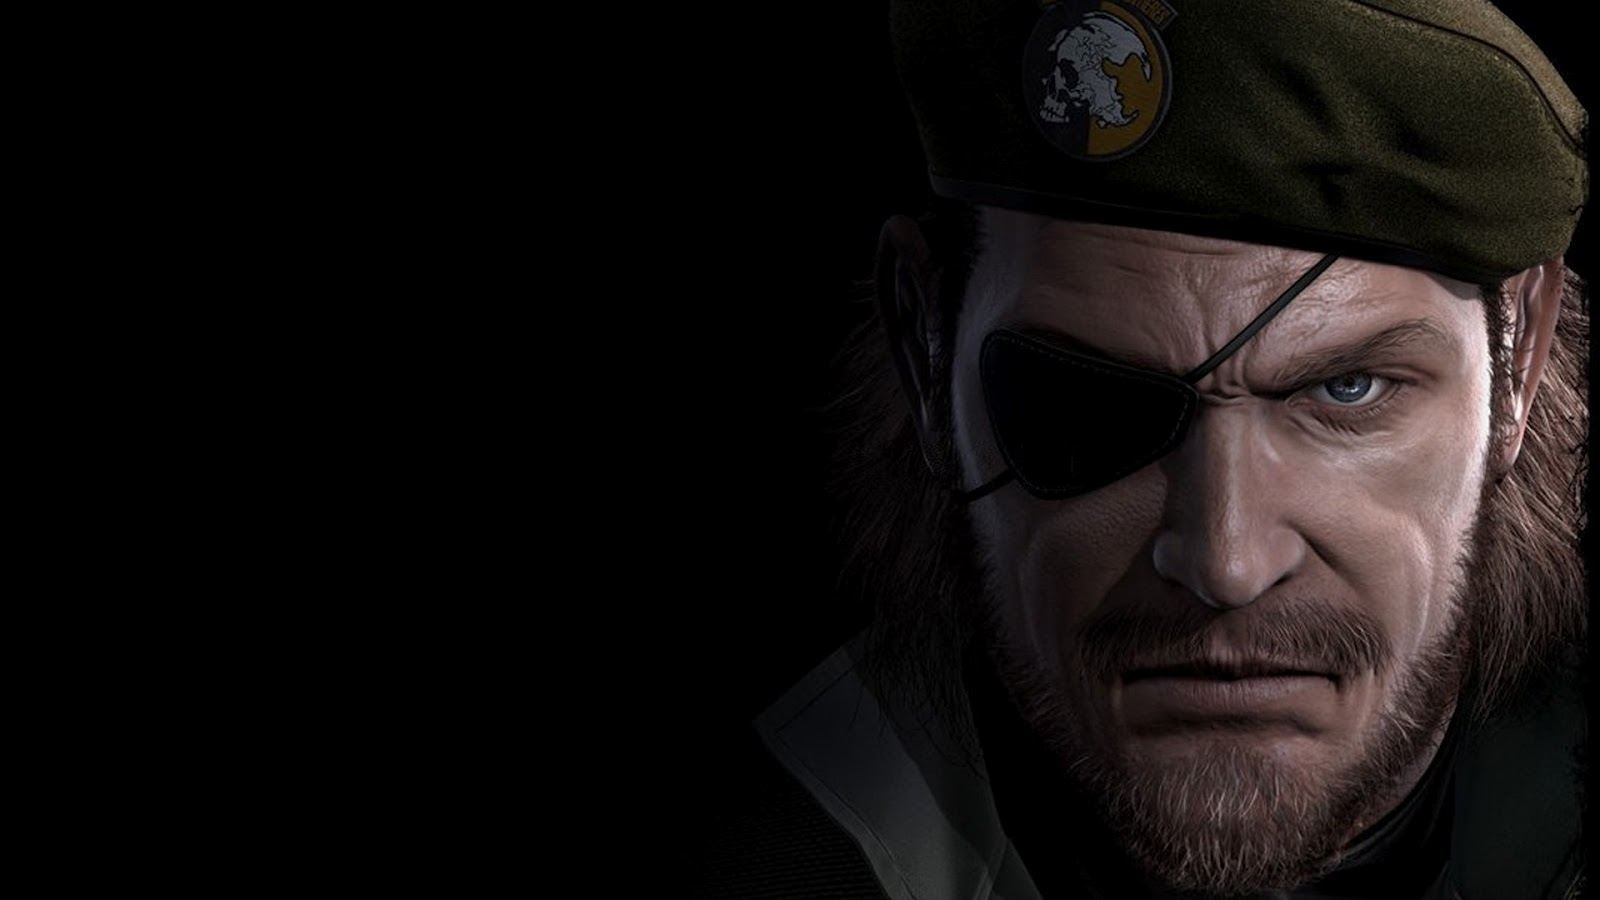 All New Pix1 Metal Gear Solid Hd Wallpaper